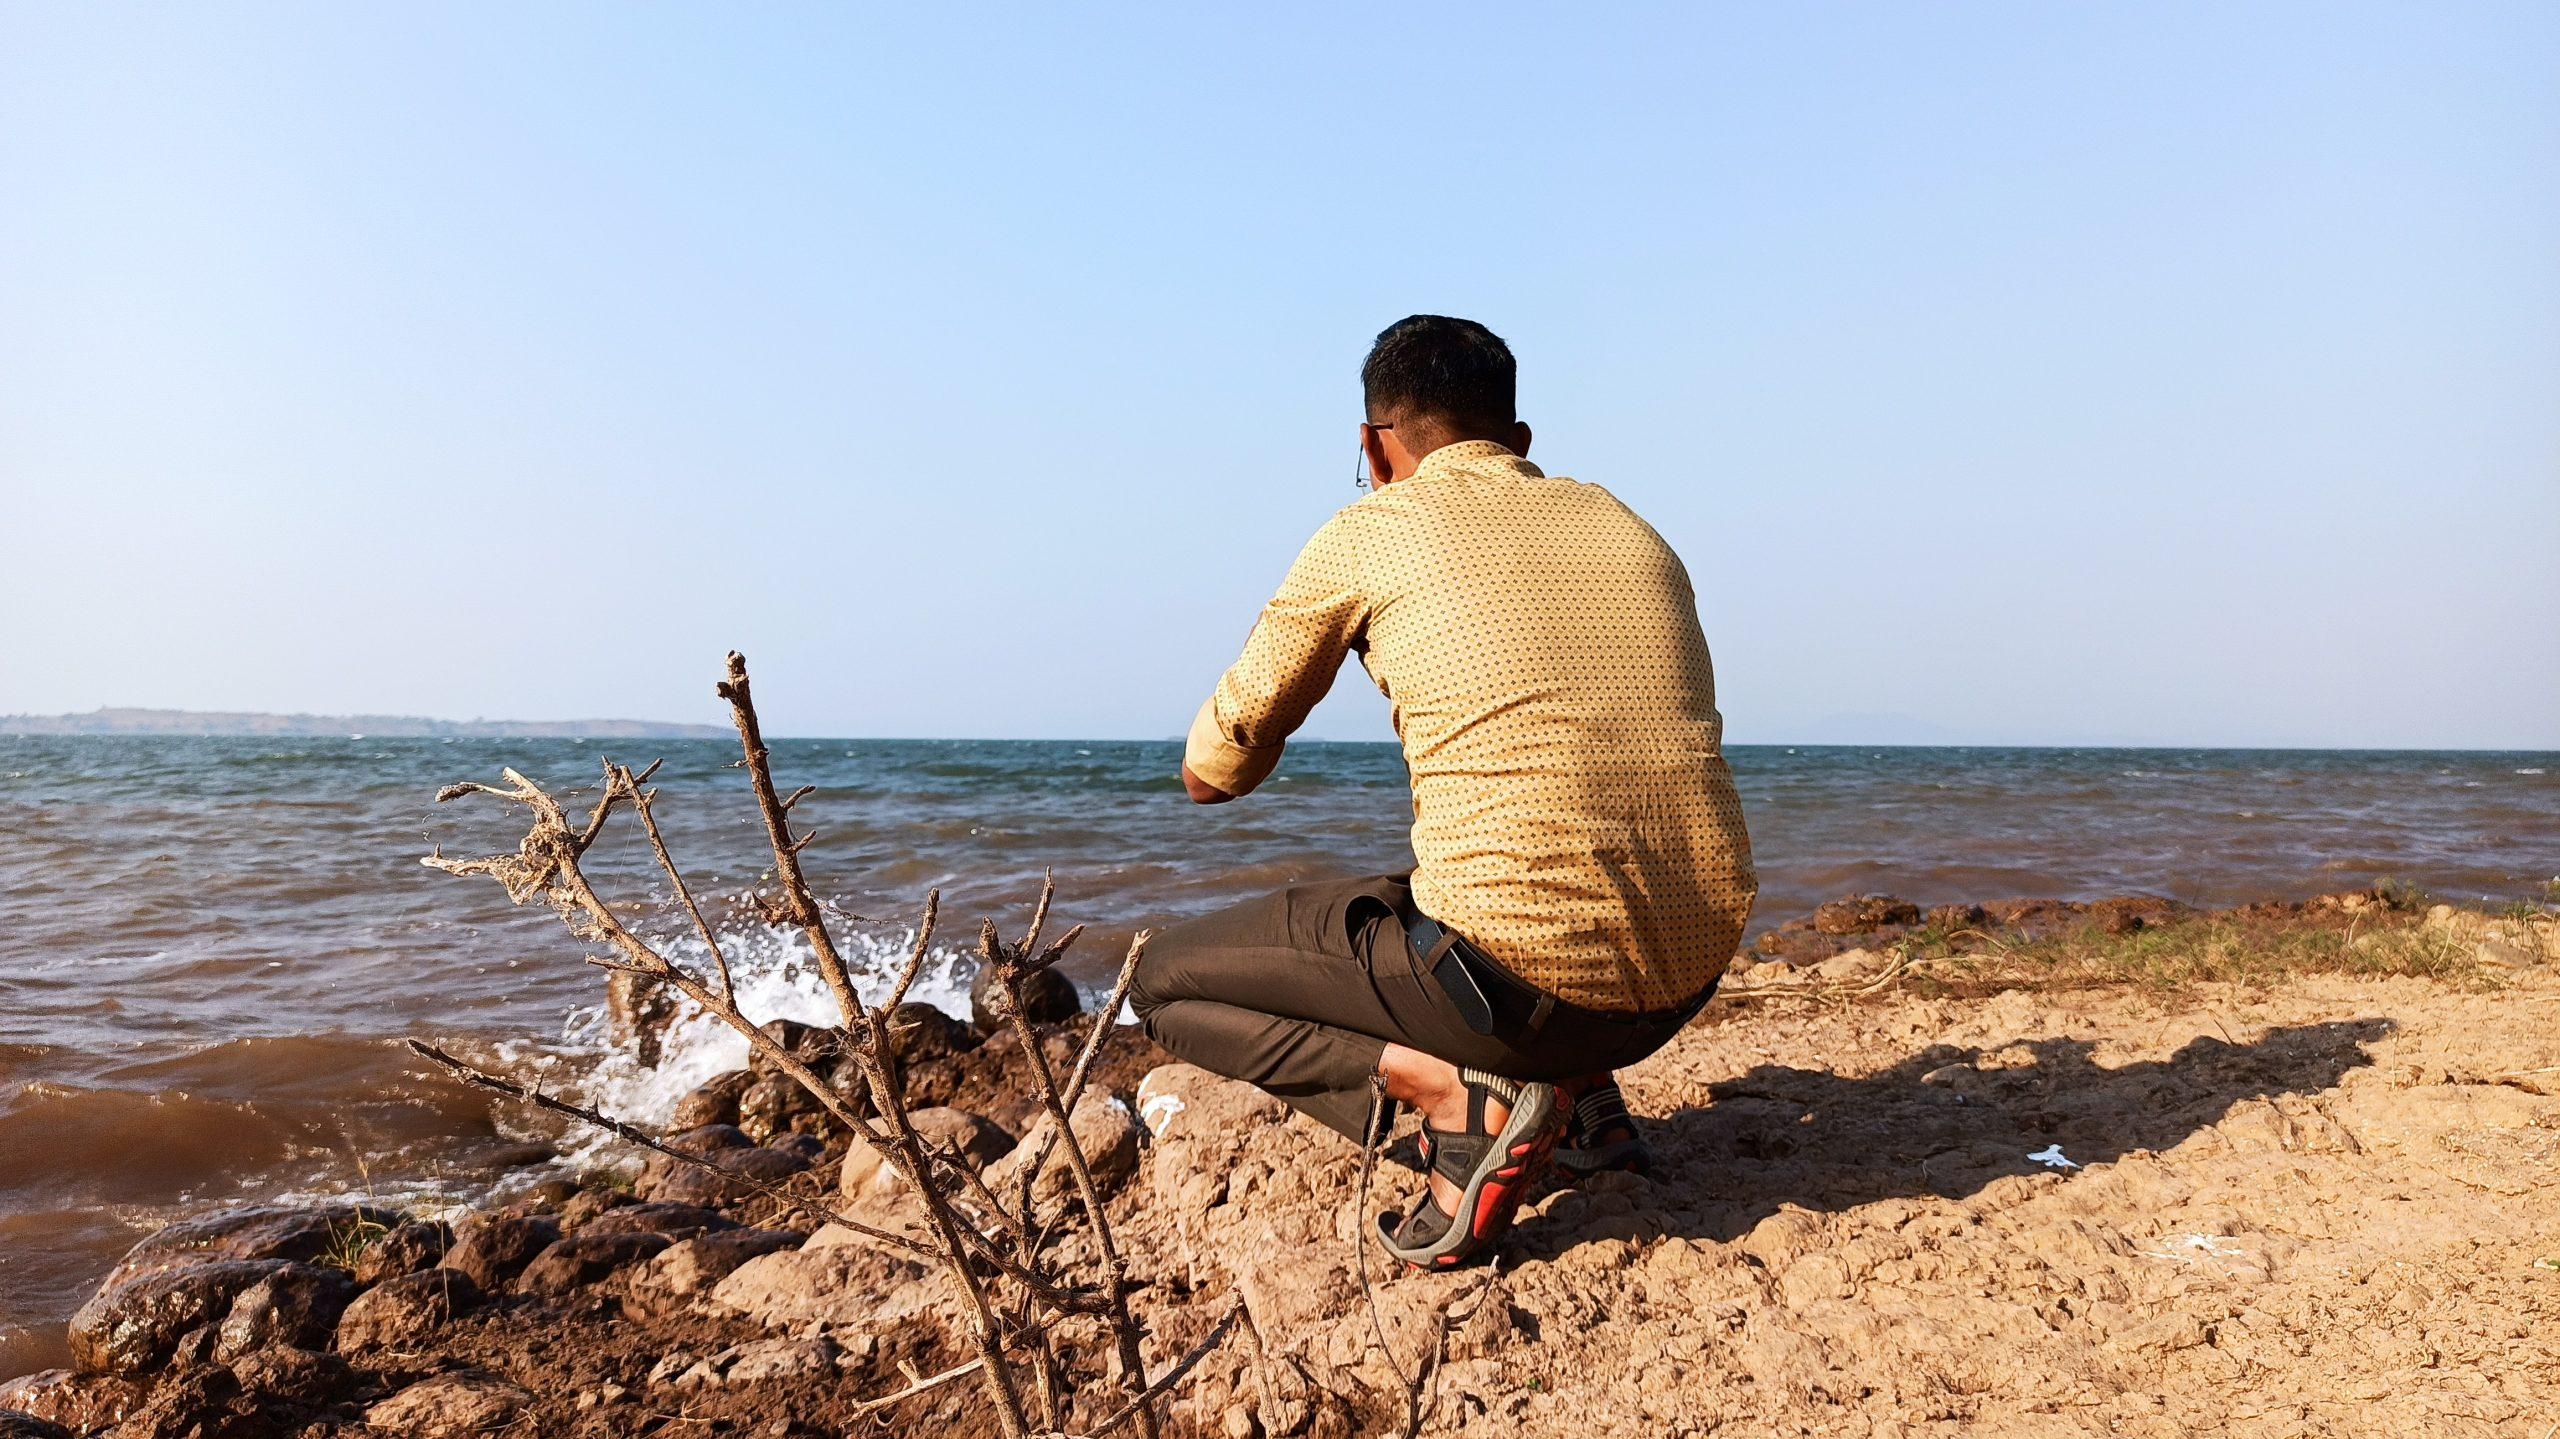 Man Capturing beautiful beach scene in camera